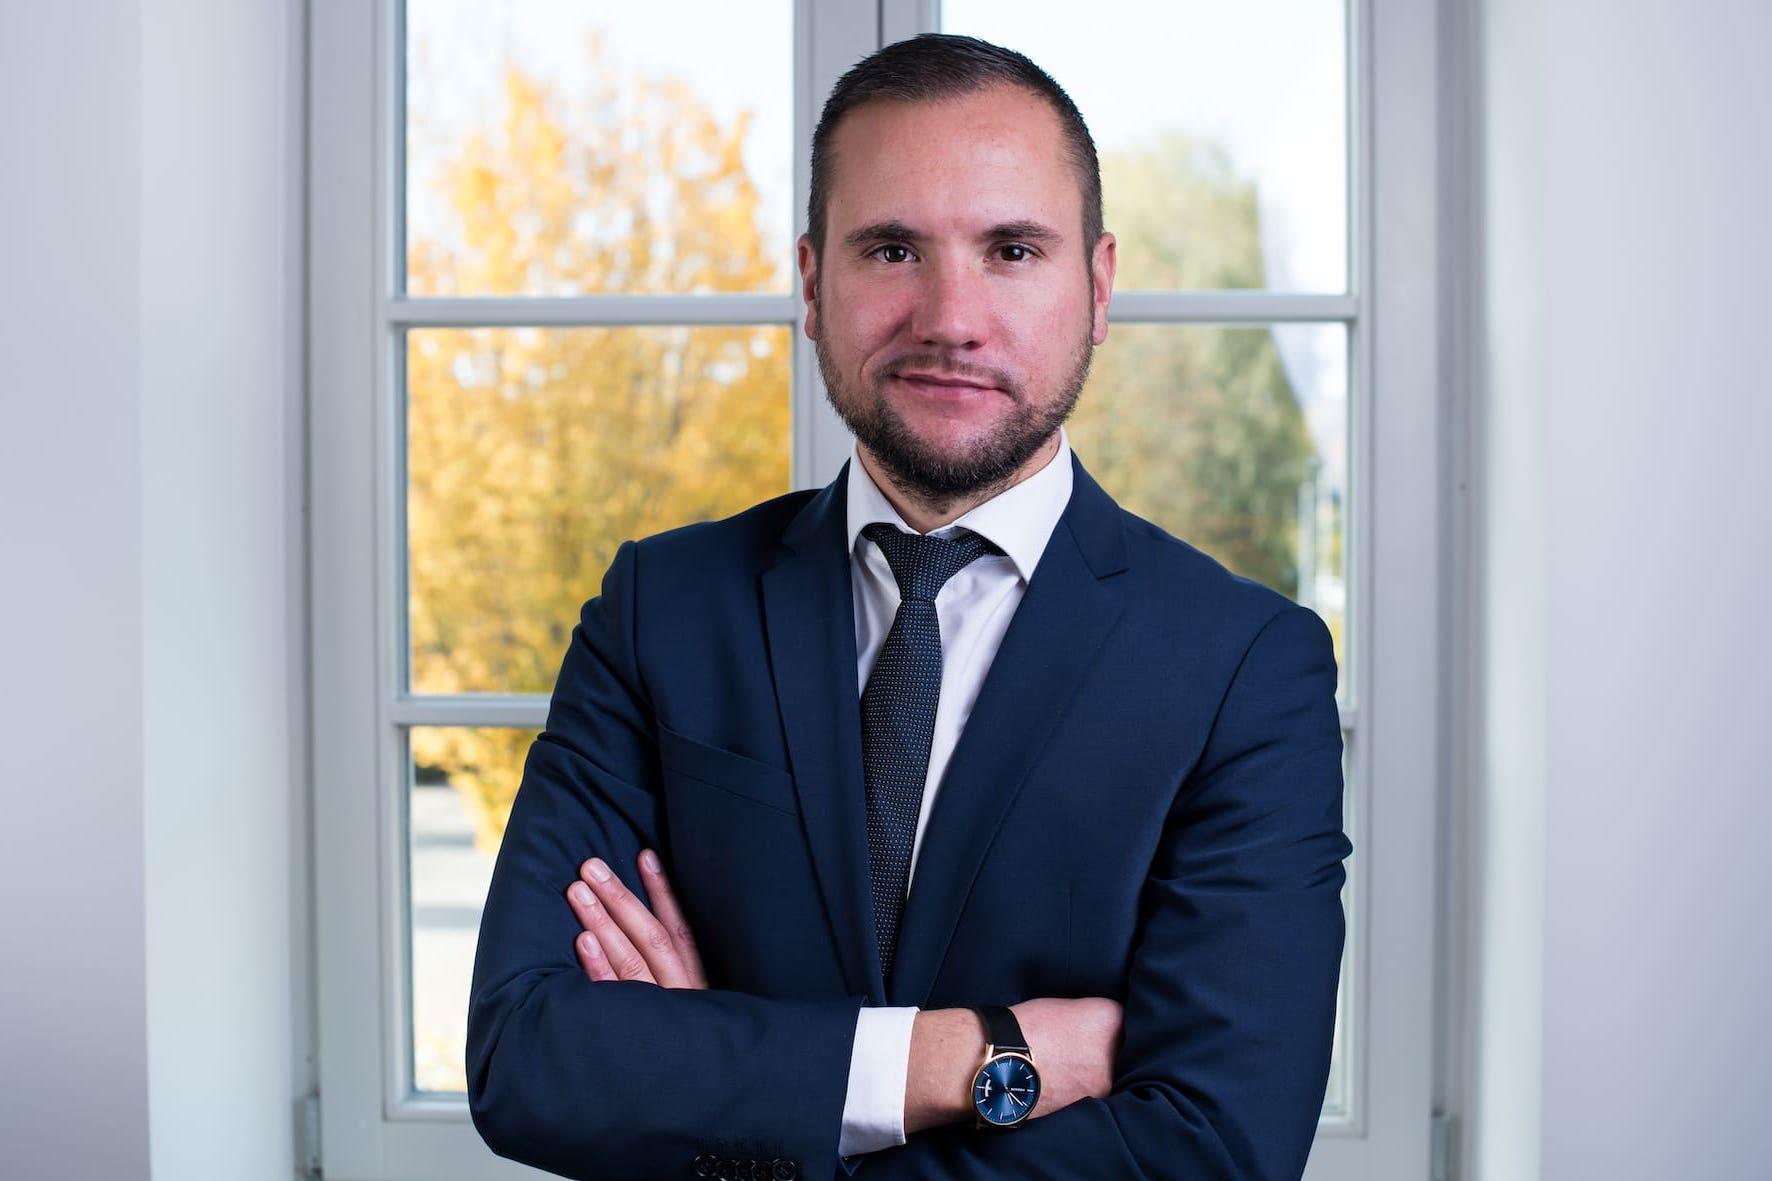 Rechtsanwalt Stefan Schäfer - Fachanwalt für Steuerrecht - Of Counsel bei Kanzlei Plan A - Kanzlei für Strafrecht in Düsseldorf